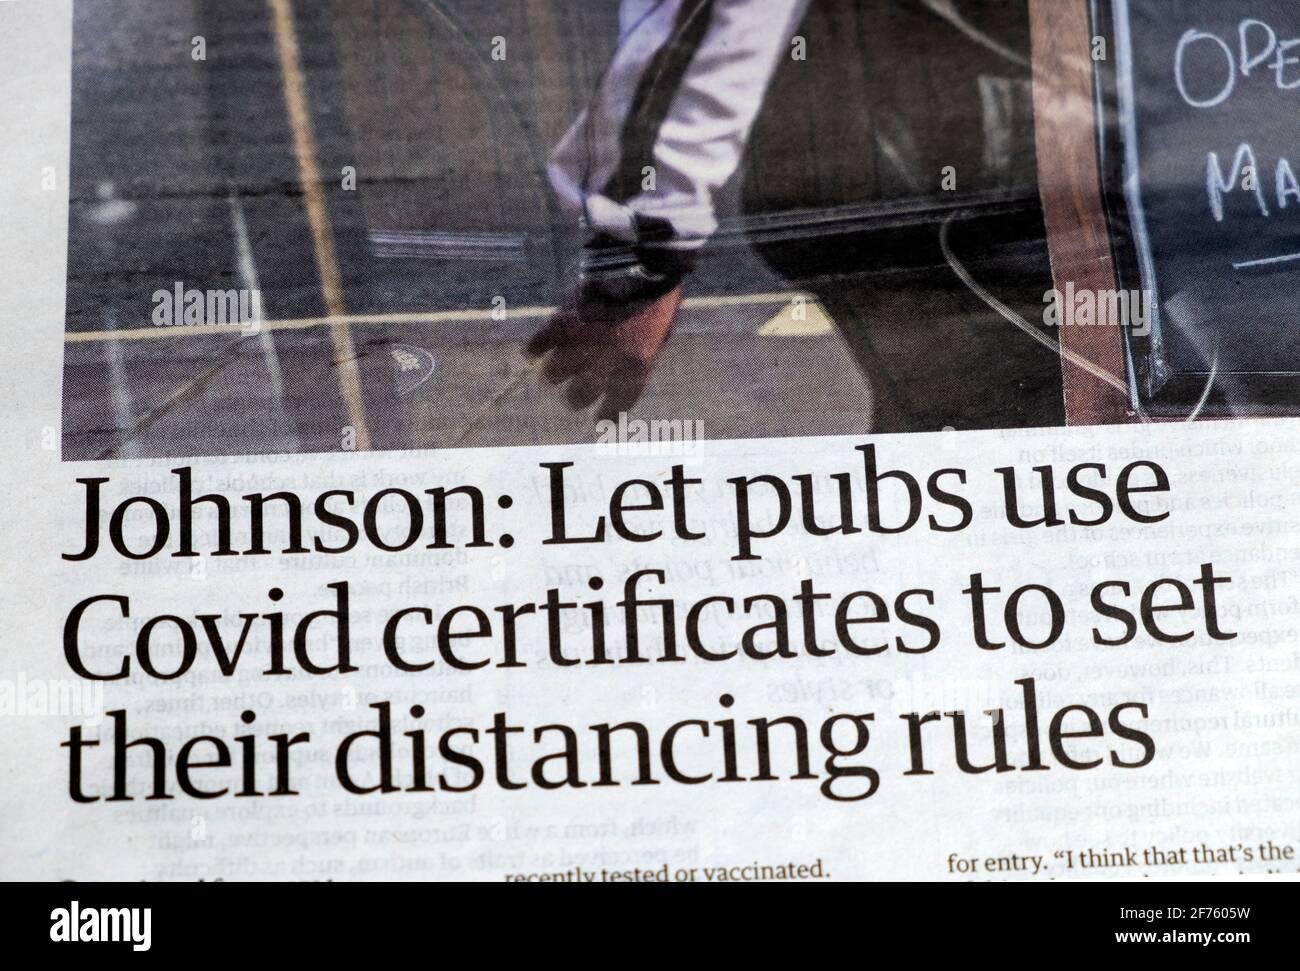 Boris 'Johnson: Lasciare che i pub utilizzare i certificati Covid per impostare le loro regole di distanza' articolo del titolo del giornale in Guardian 25 marzo 2021 Londra UK Foto Stock